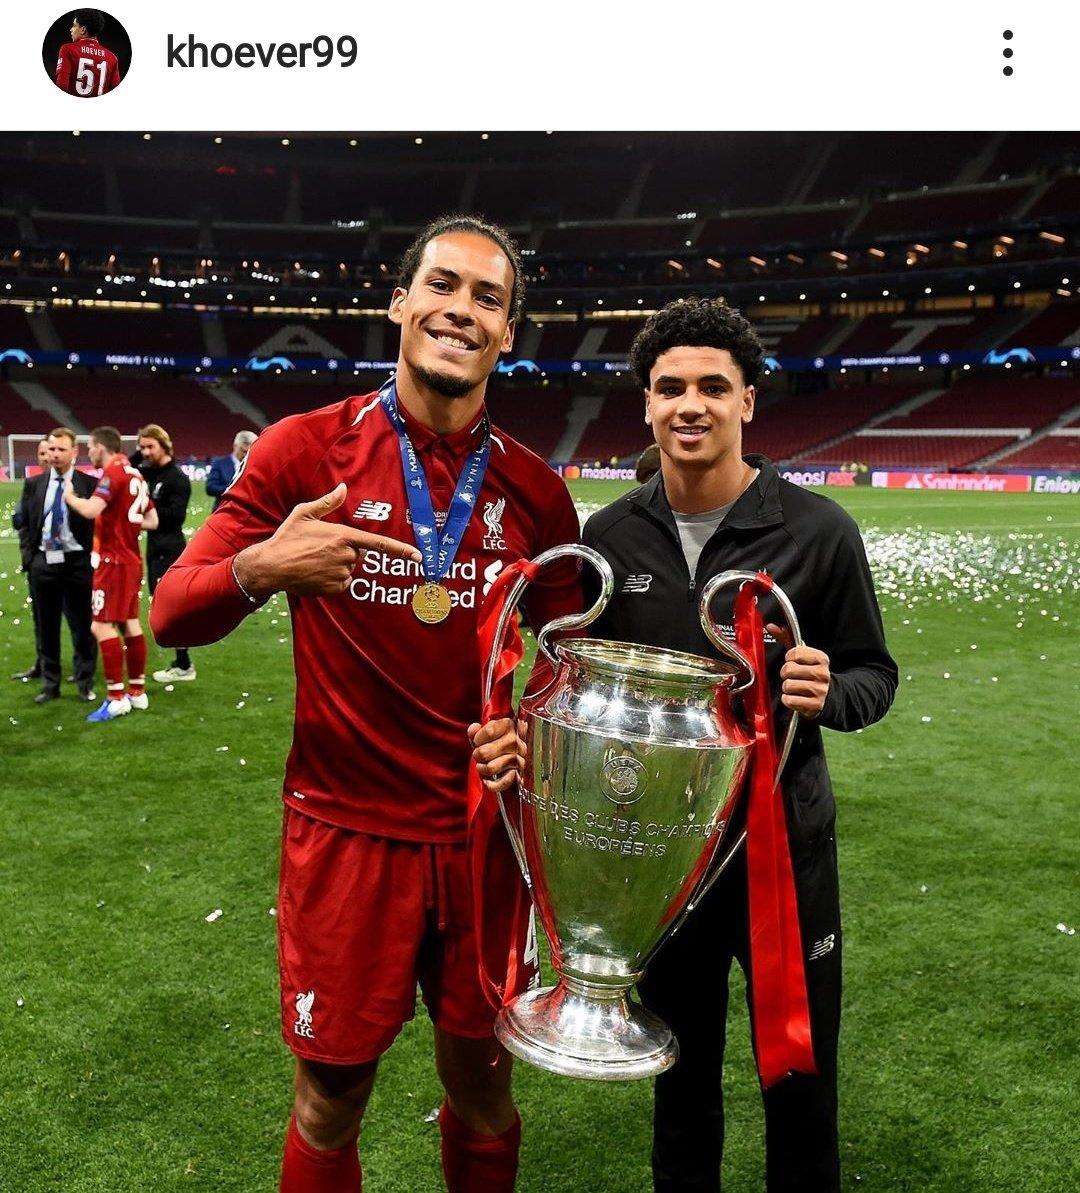 Sao trẻ Liverpool bị đàn anh dỗi vì chỉ chụp hình với Van Dijk - Bóng Đá